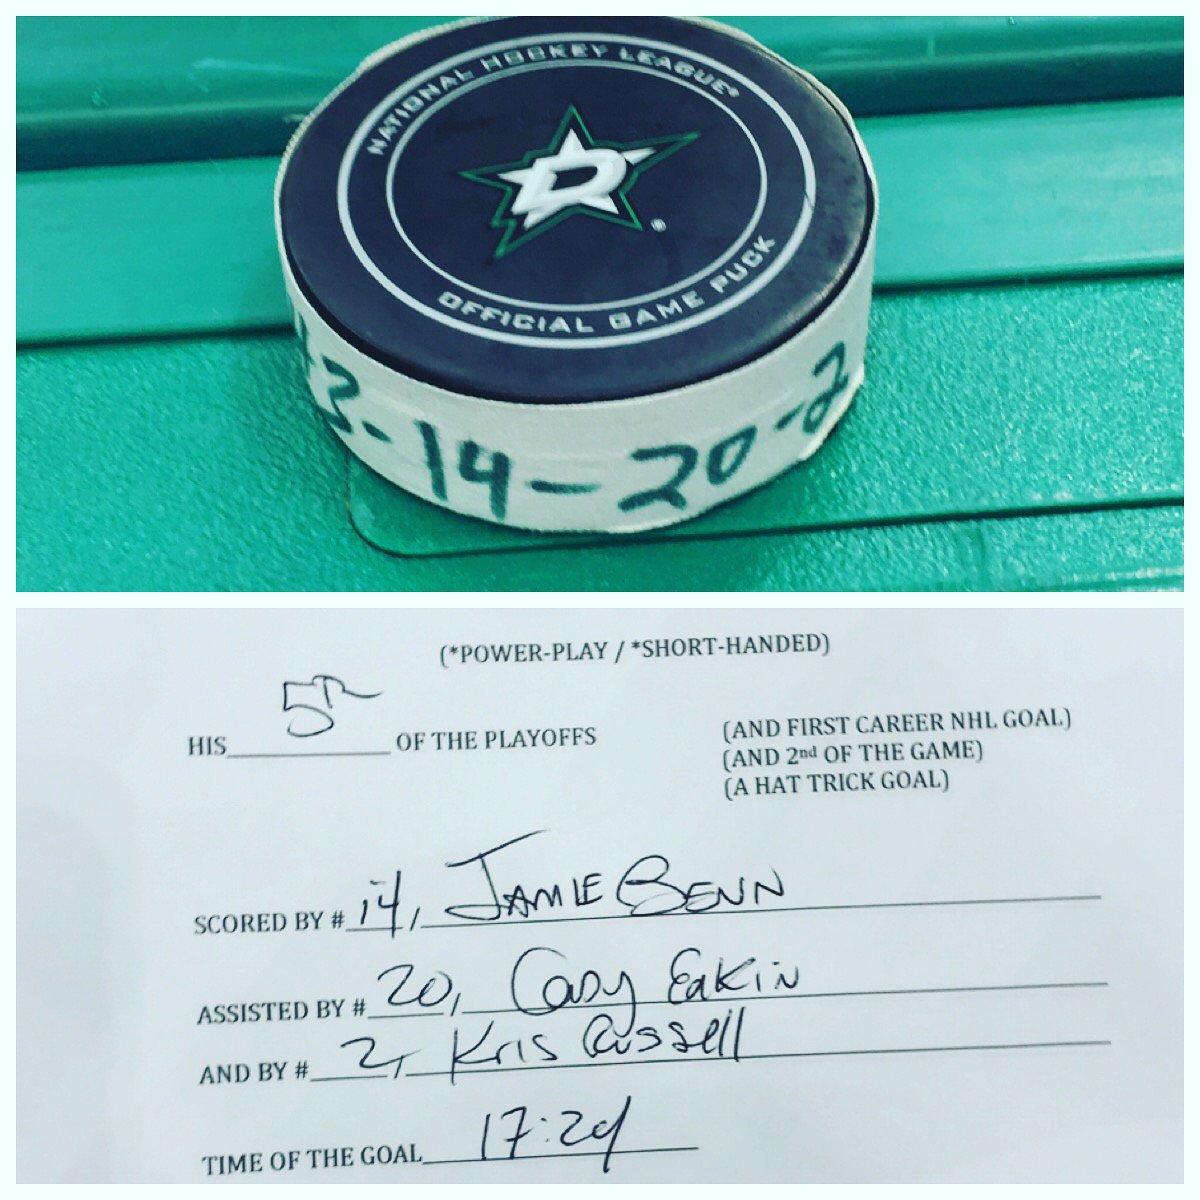 #NHL17Benn #NHL17Benn #NHL17Benn #NHL17Benn #NHL17Benn #NHL17Benn #NHL17Benn #NHL17Benn #NHL17Benn #NHL17Benn https://t.co/KI7F9FTgAP